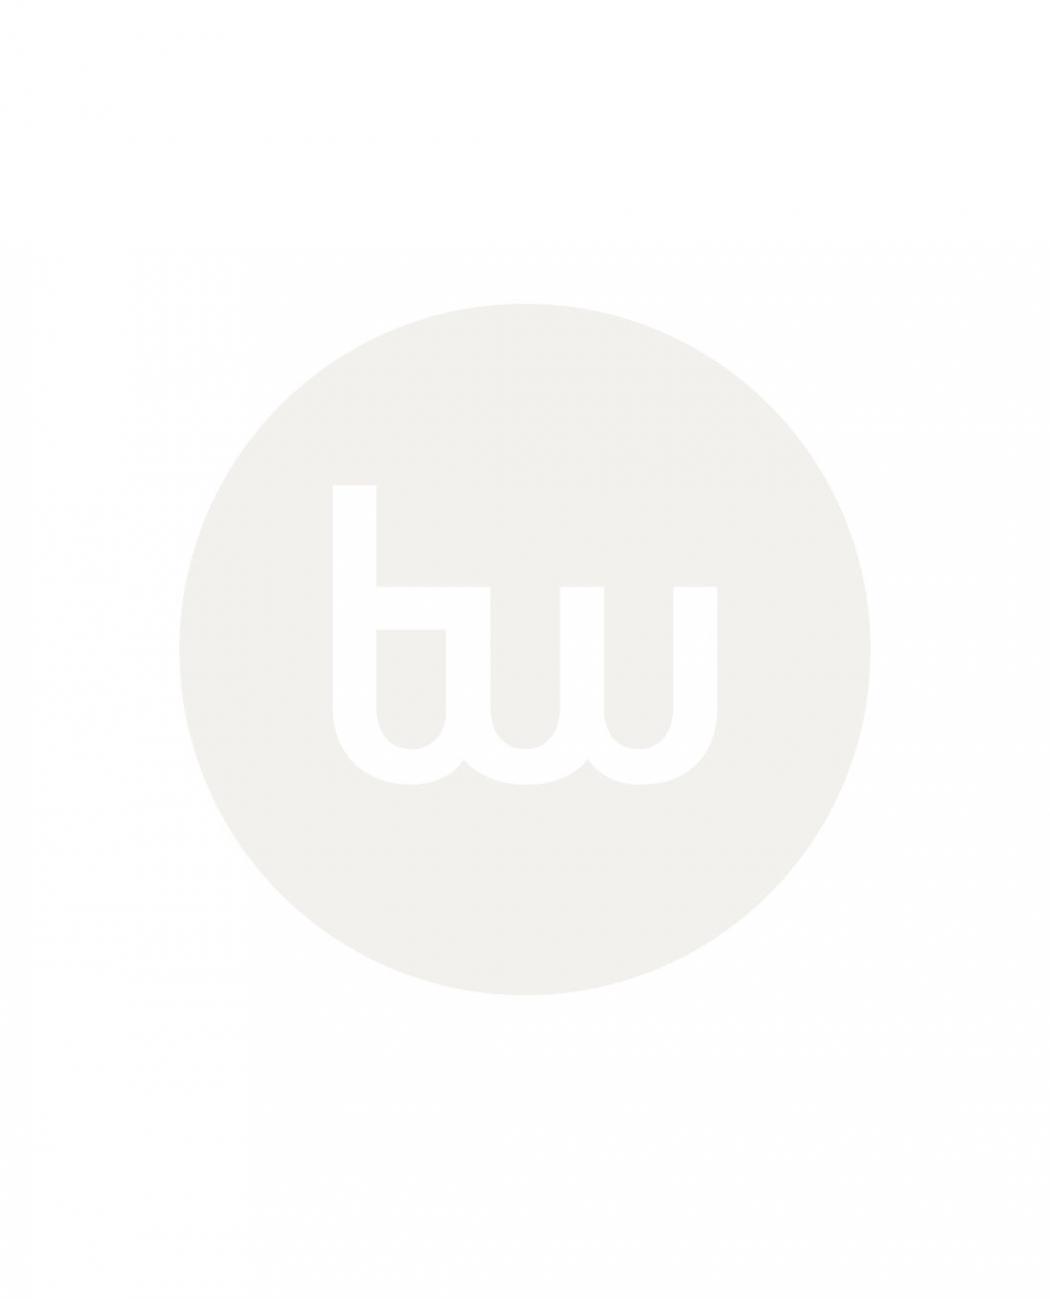 Fein Oakley Si M Rahmen 2.0 Bilder - Benutzerdefinierte Bilderrahmen ...